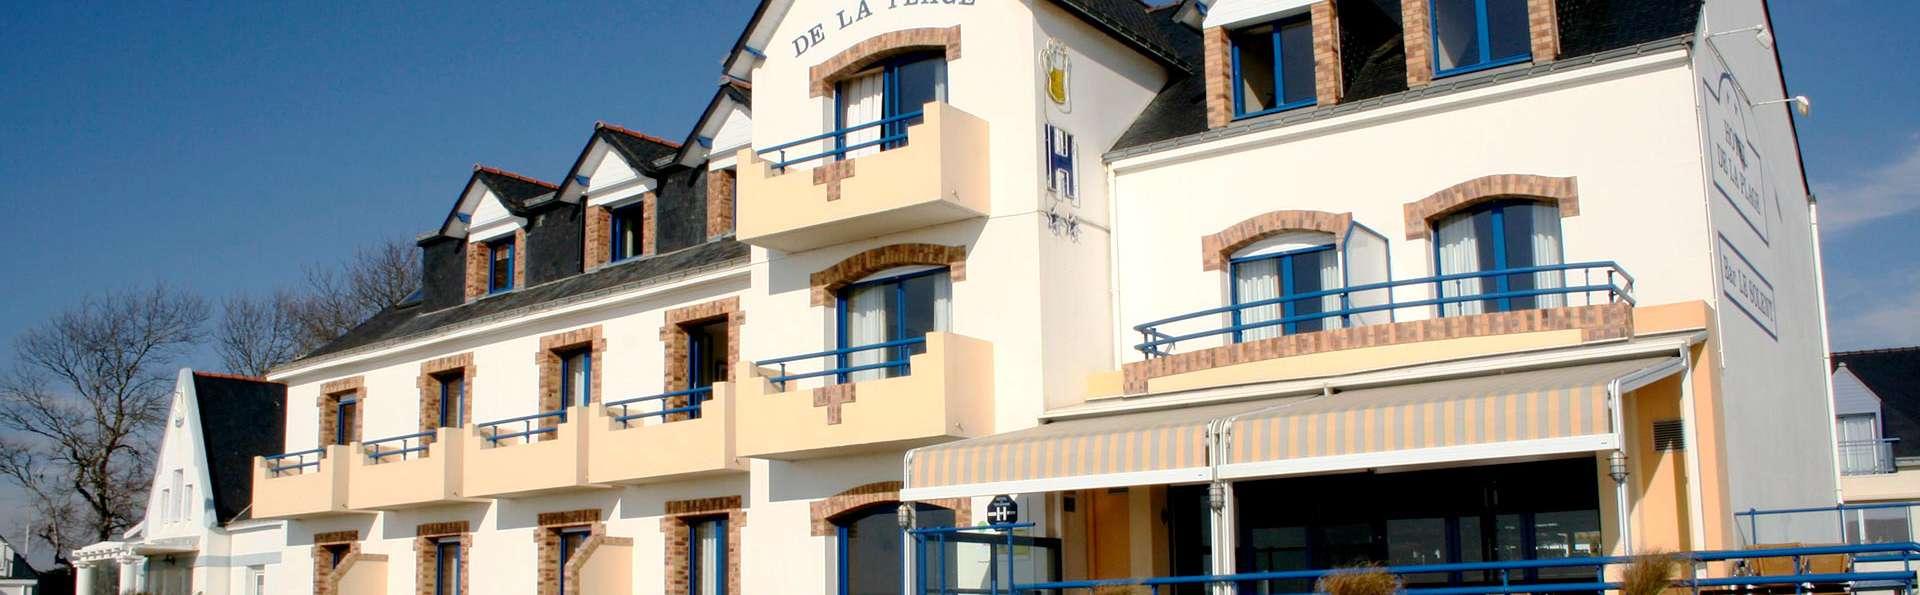 Hotel La Plage - Damgan  - Edit_Front.jpg